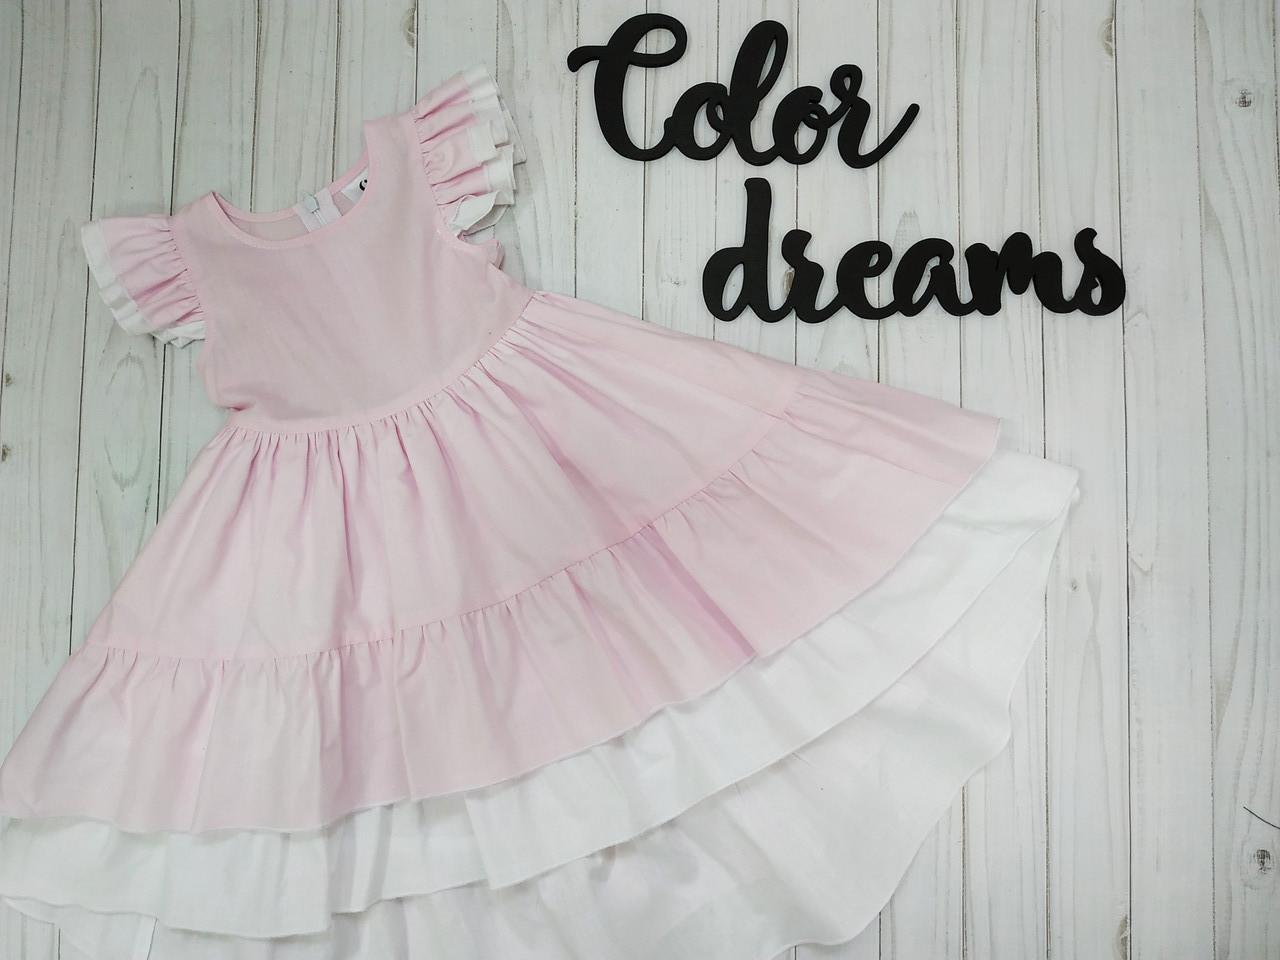 Нежное платье  для девочки   100% Хлопок  удлиненное  Розовое